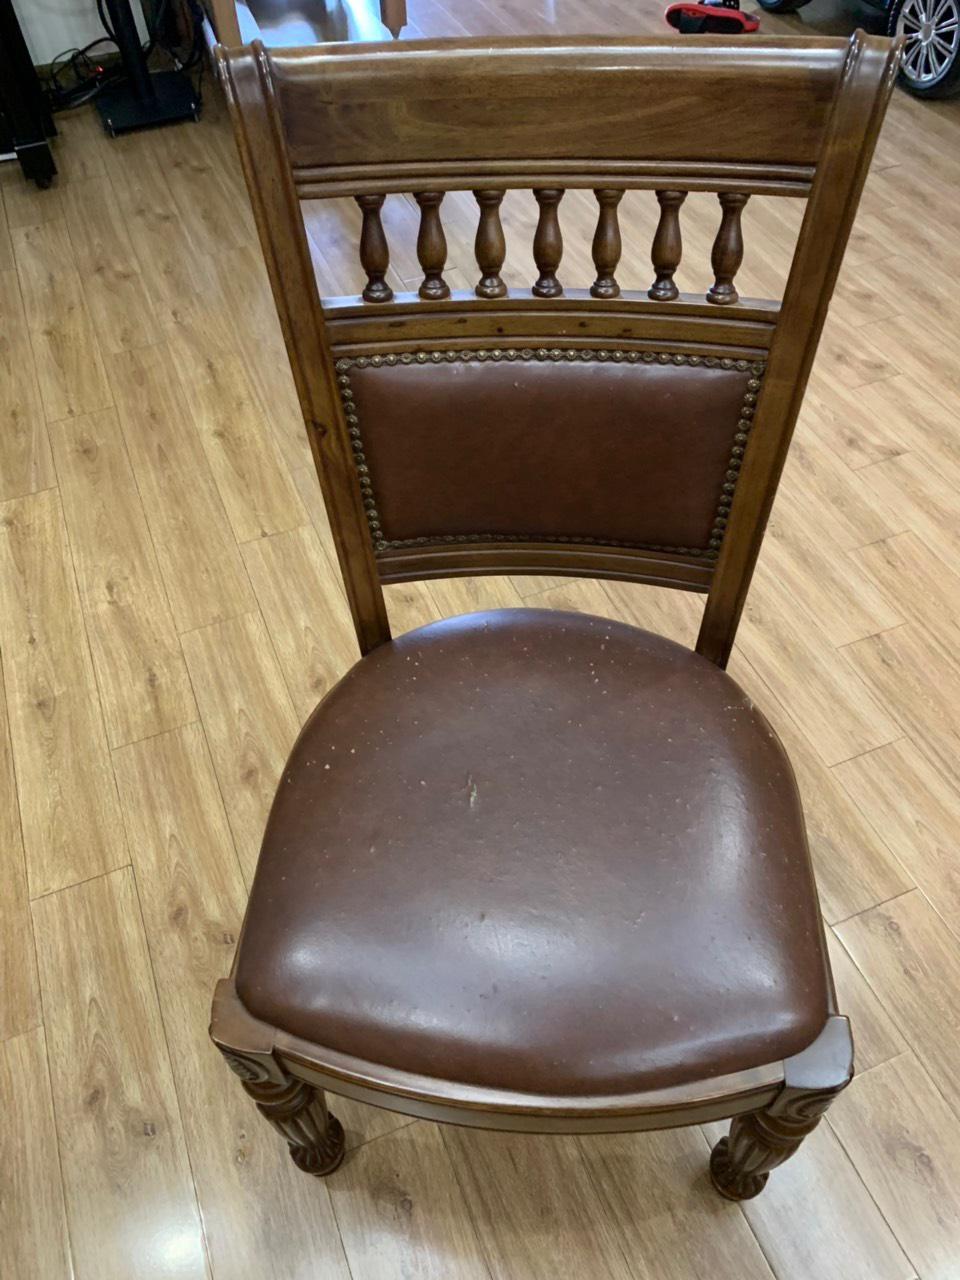 Ghế ăn đang gặp tình trạng nổ da chi chit trên bề mặt ghế